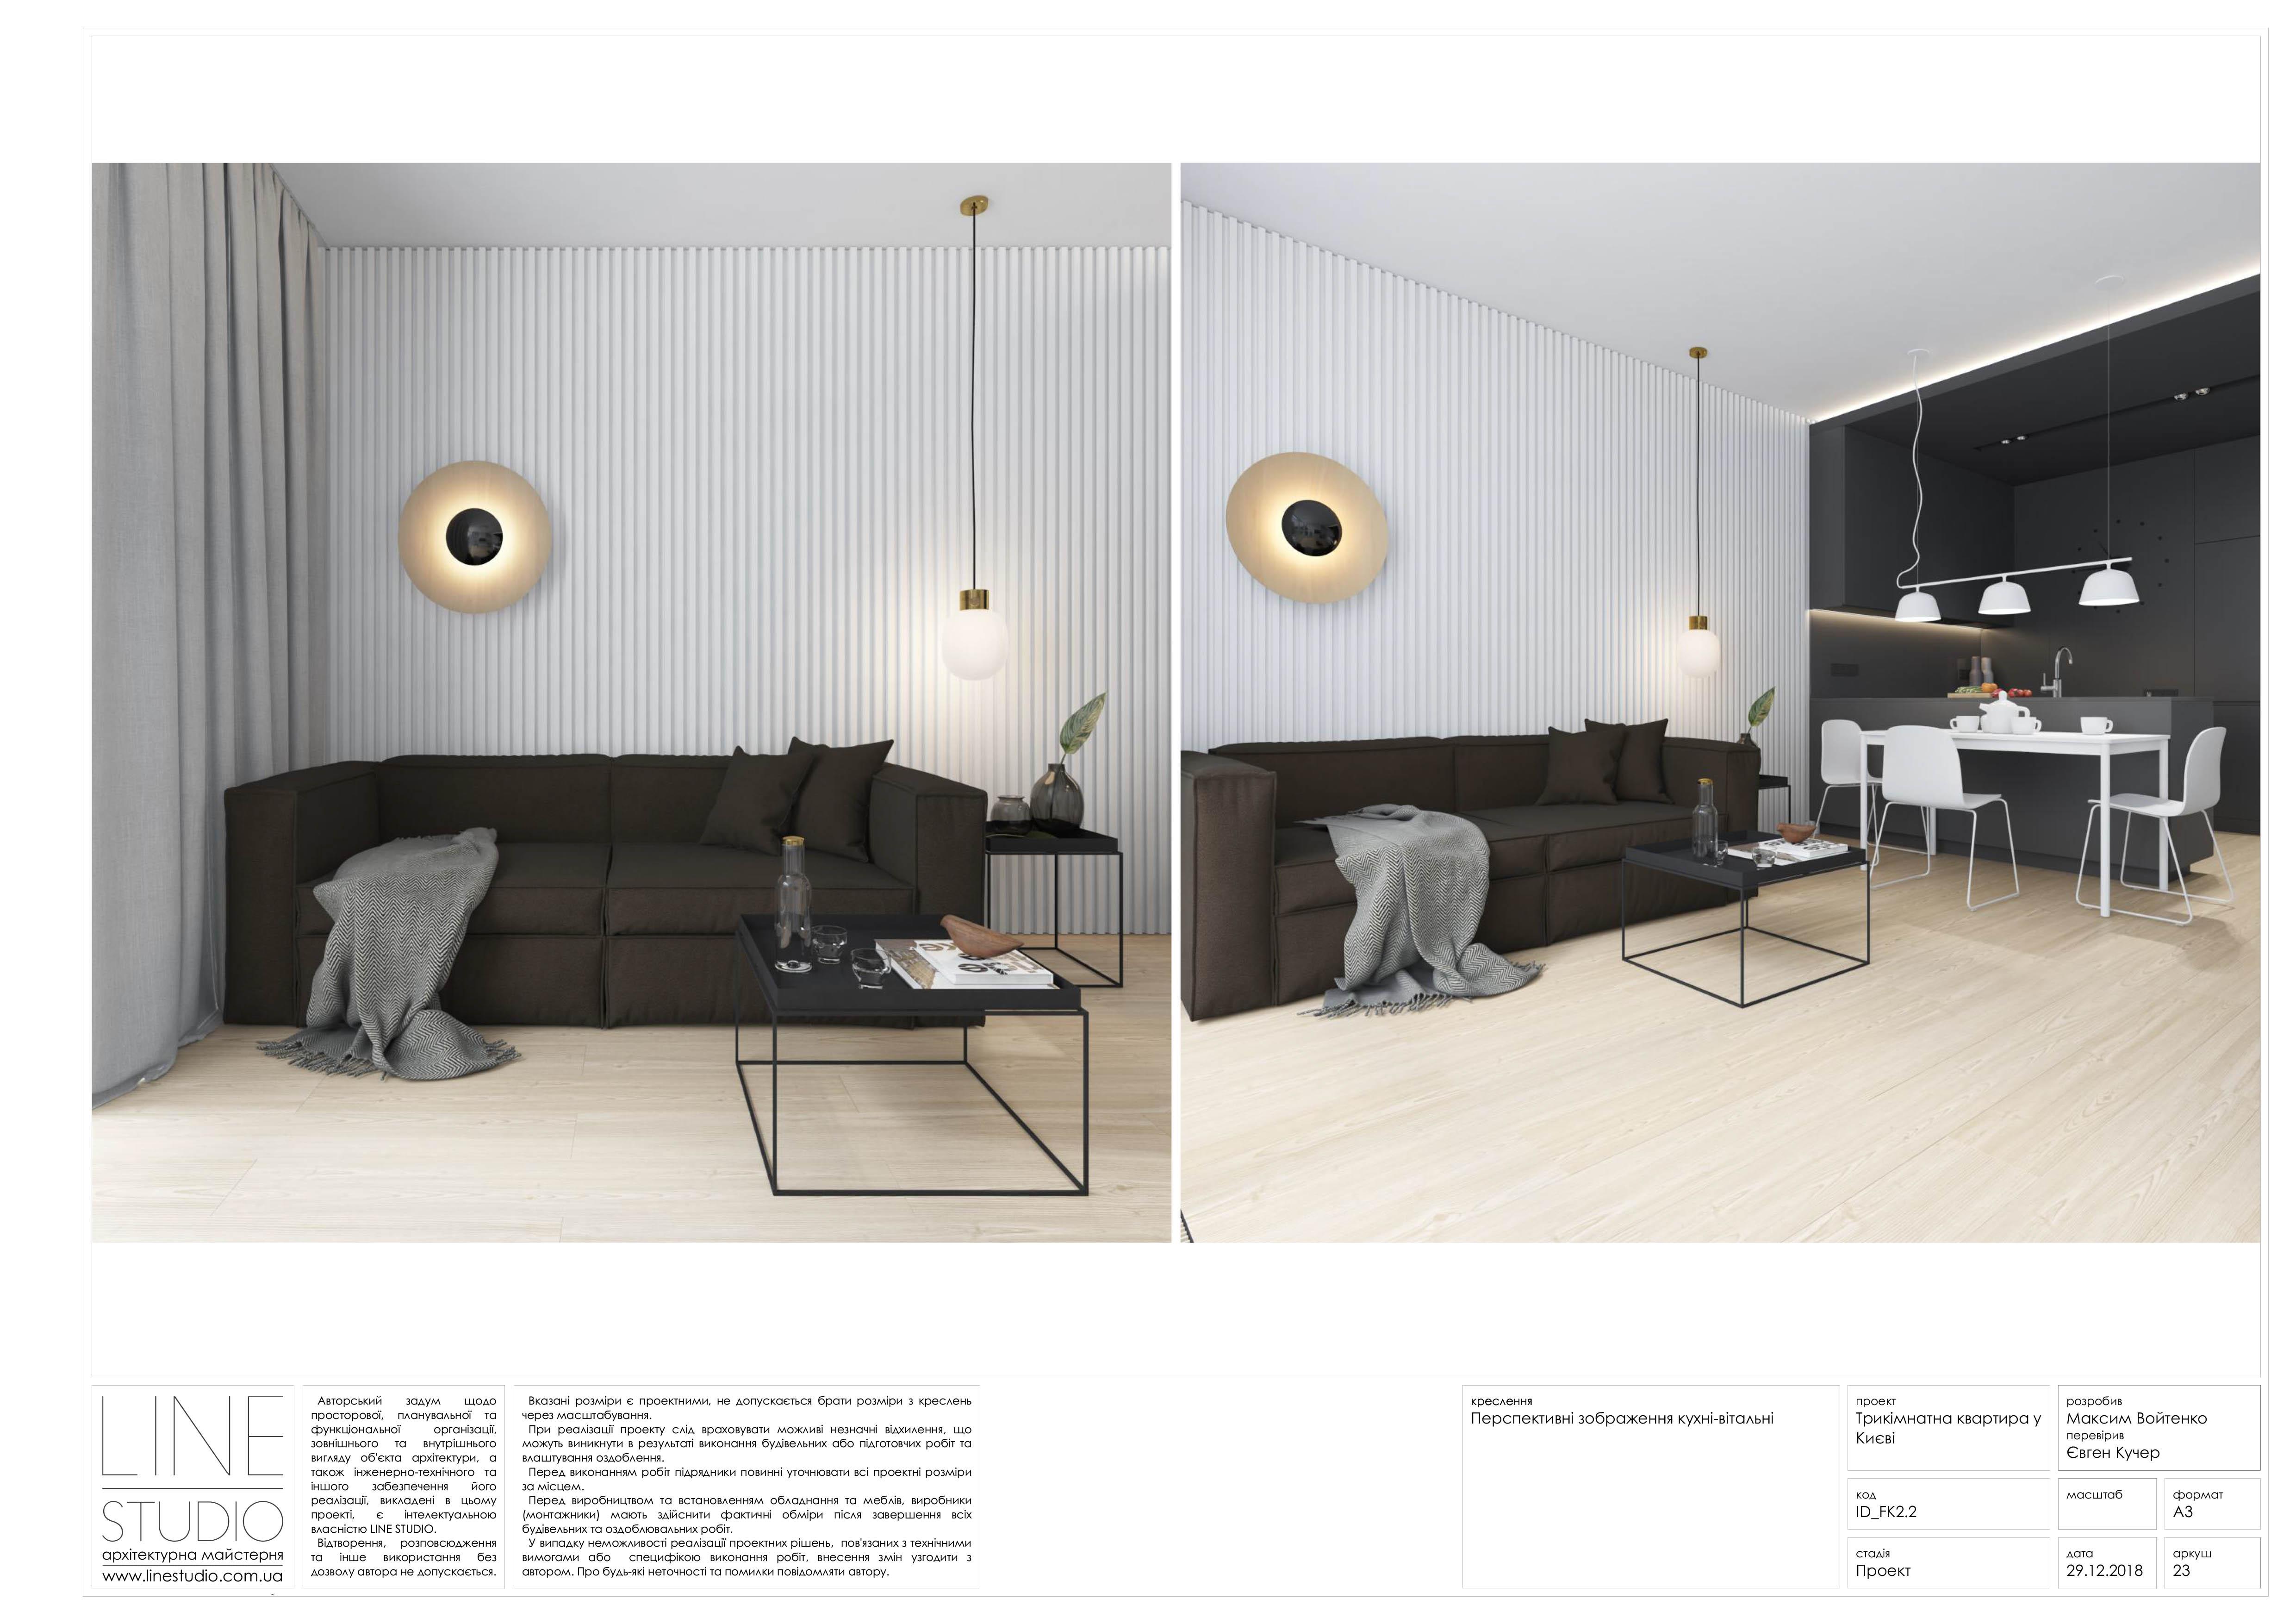 23_fk2.2_Перспектинві зображення кухні-вітальні